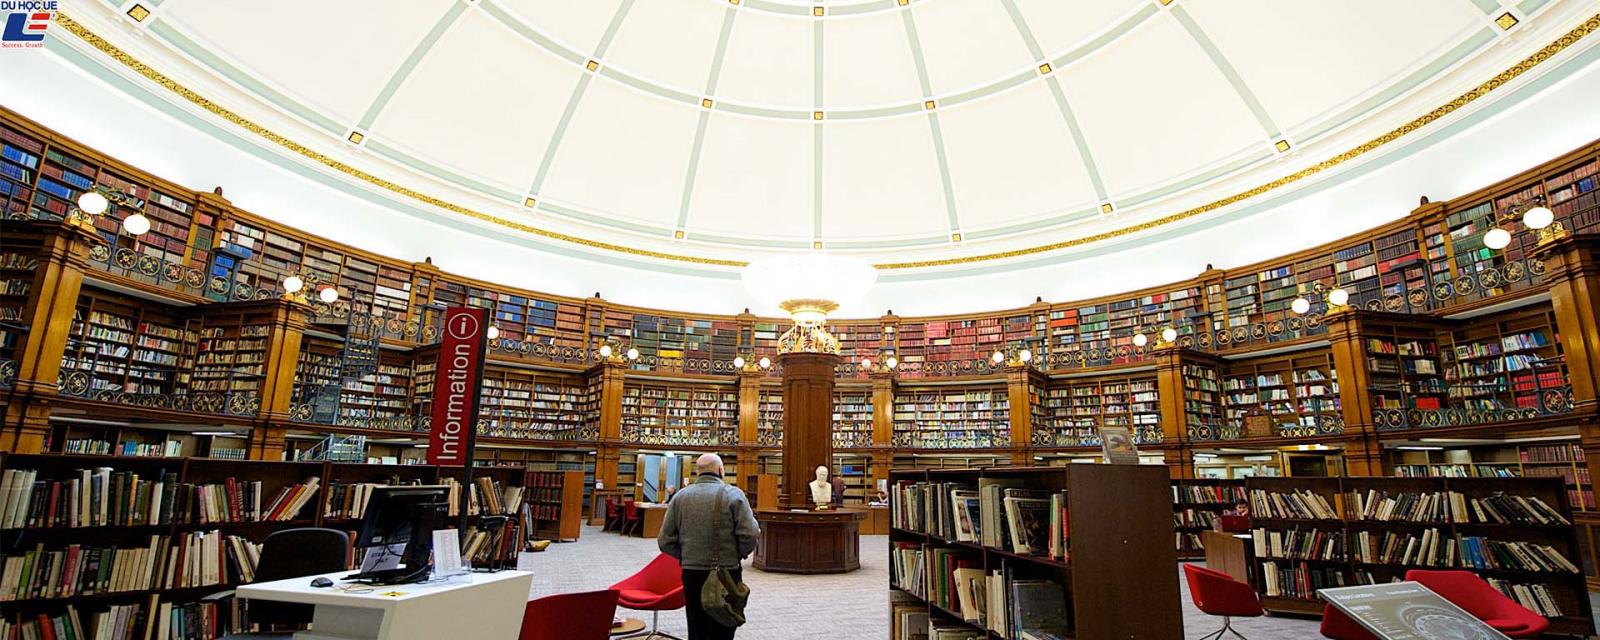 Đại học Liverpool: Bệ phóng sự nghiệp kinh doanh thể thao thành công 2